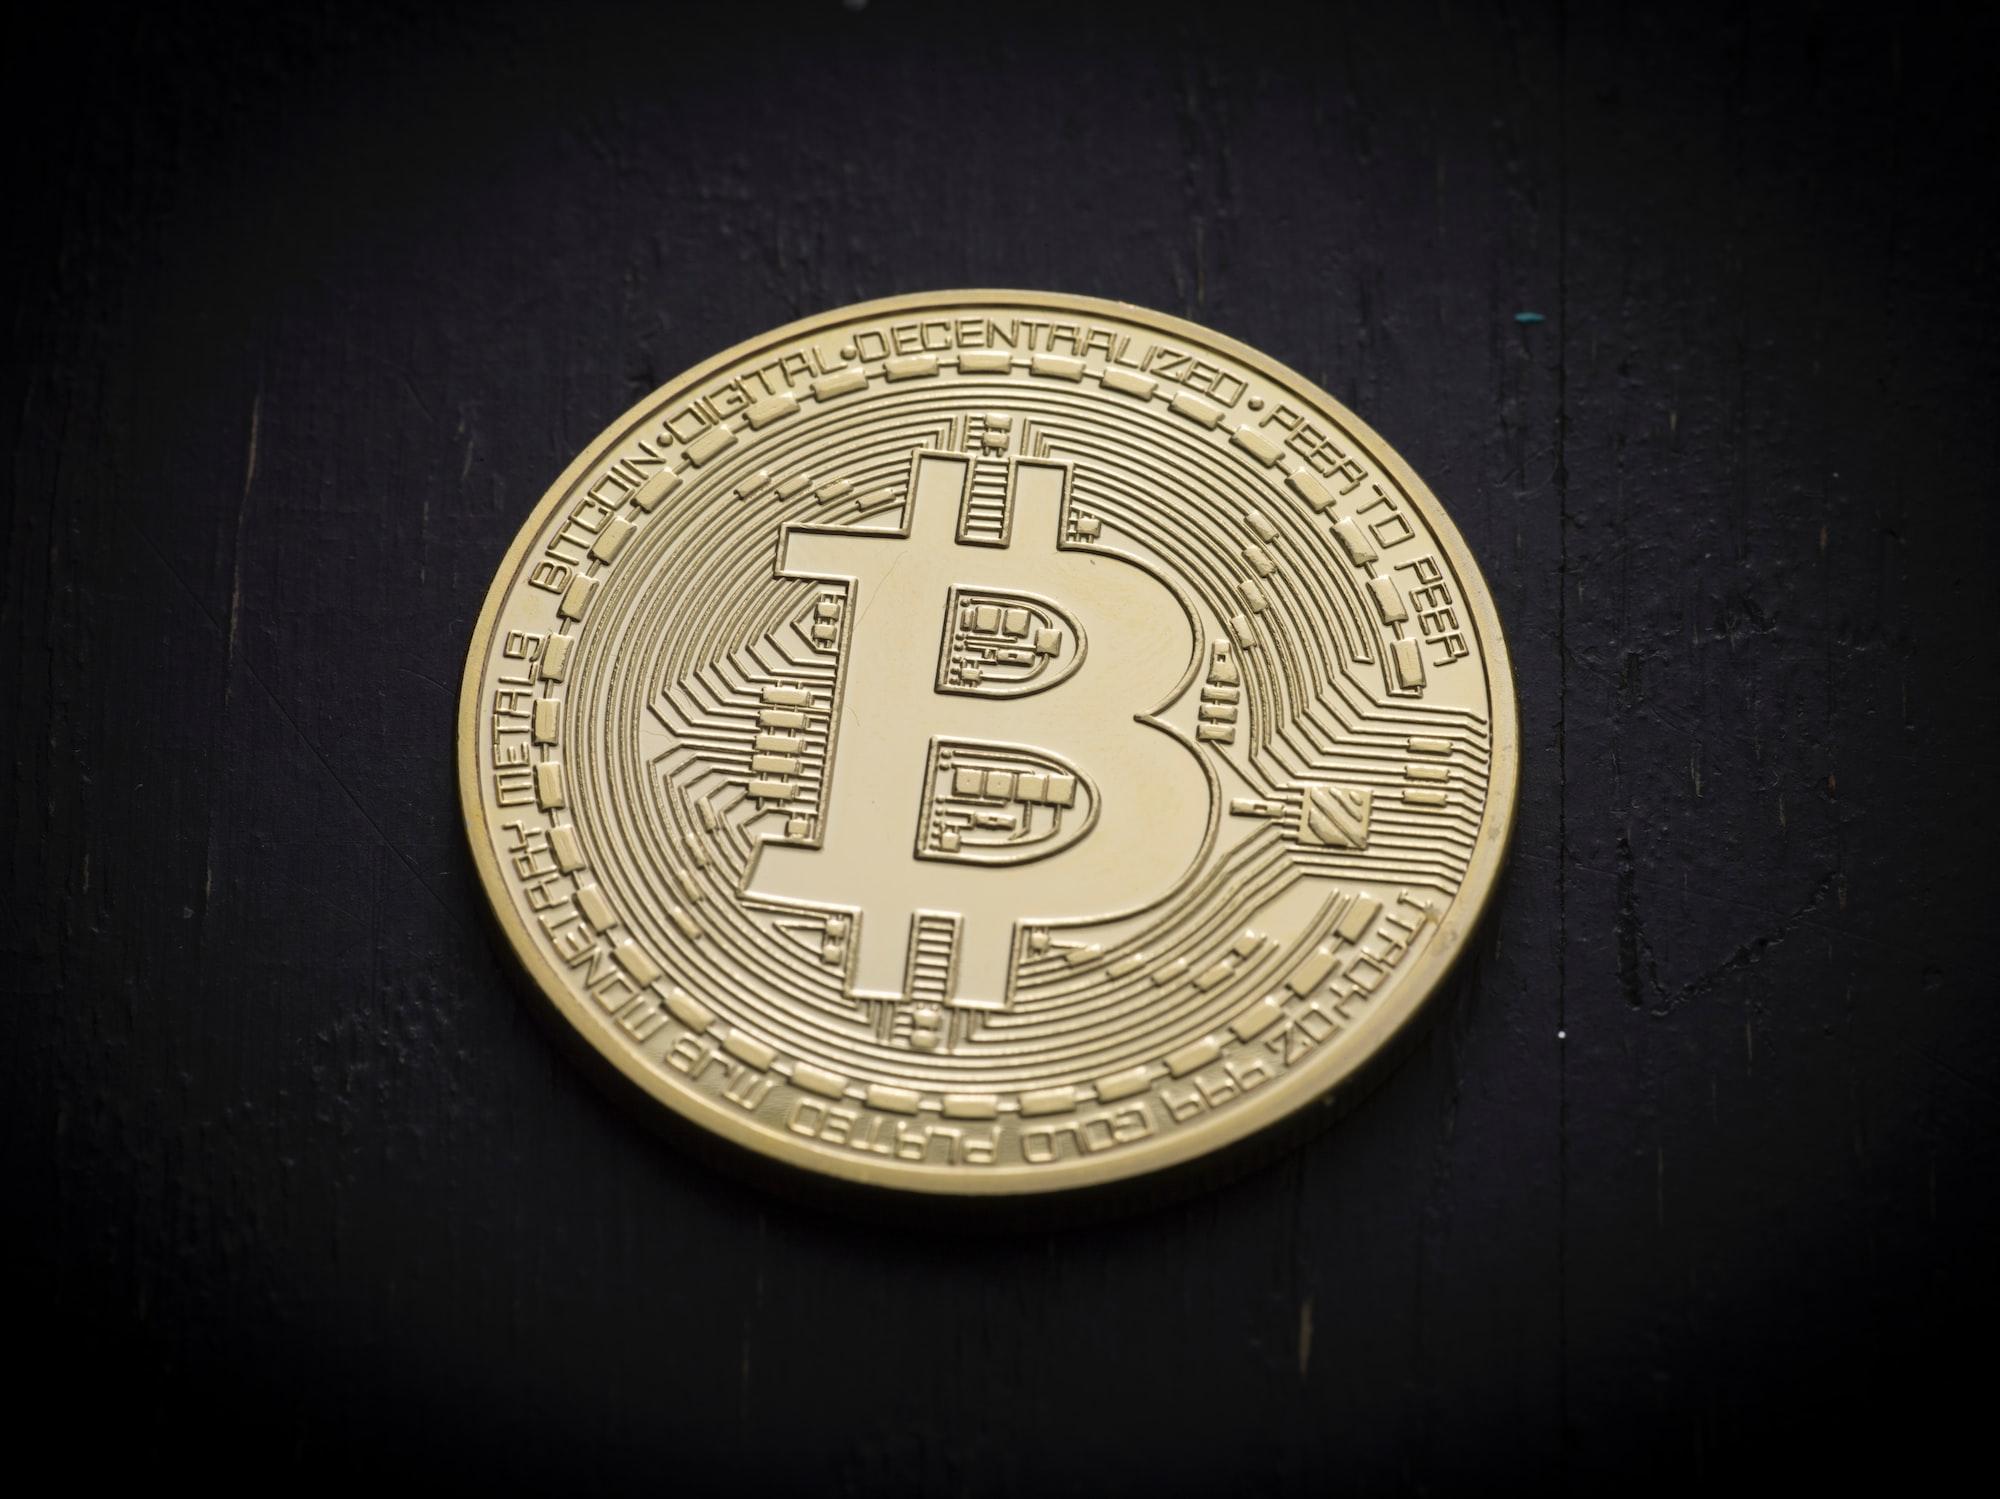 MicroStrategy, toplamda 2.741 milyar $ değerinde Bitcoin sahibi oldu